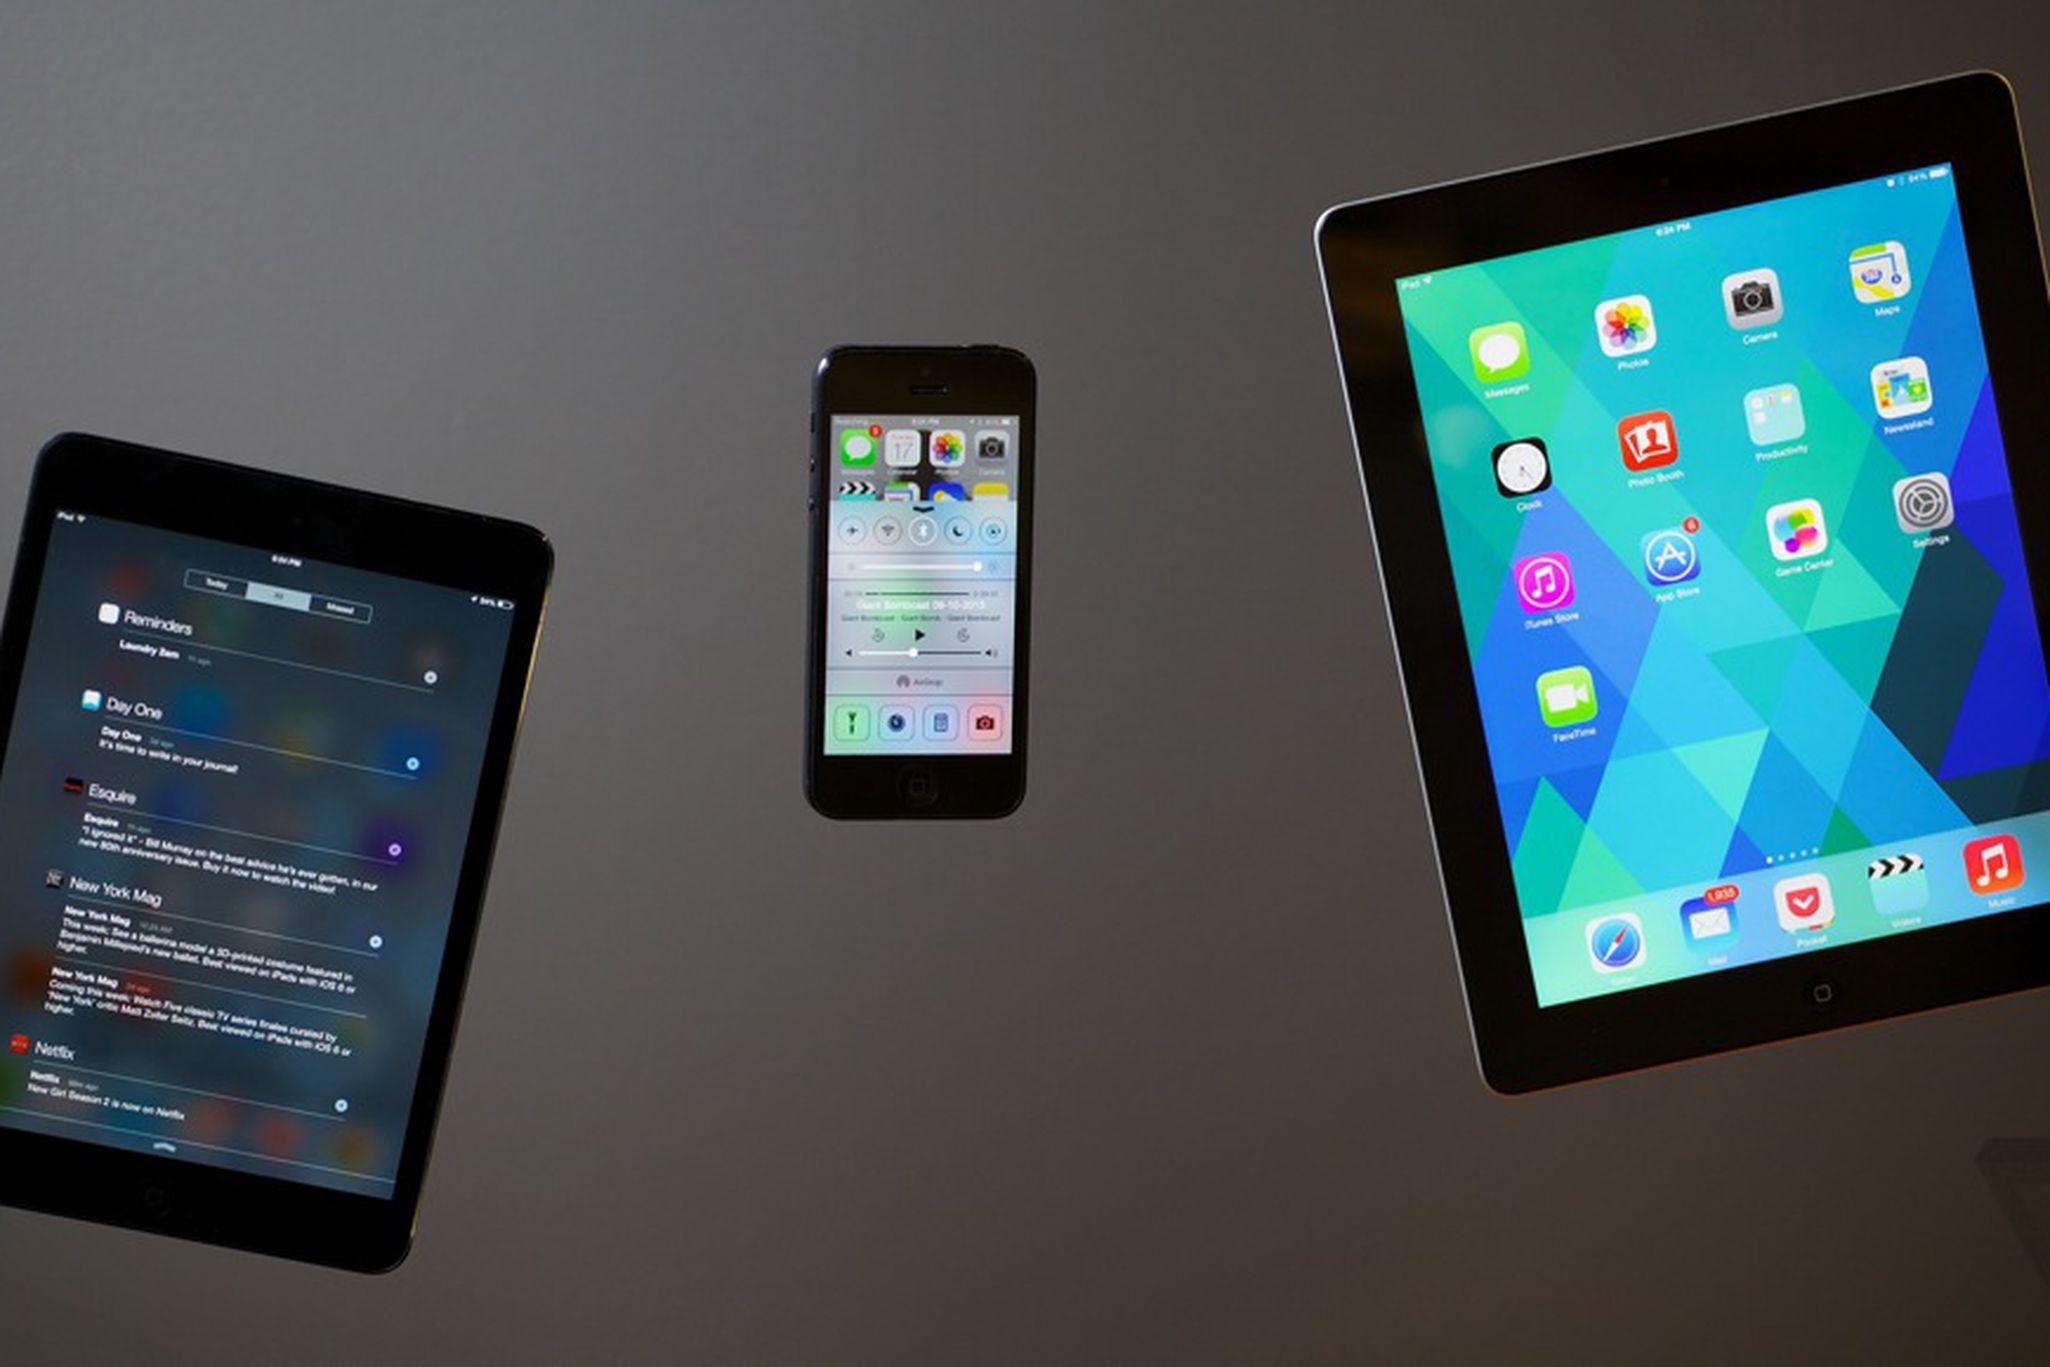 (iOS 7 (2013